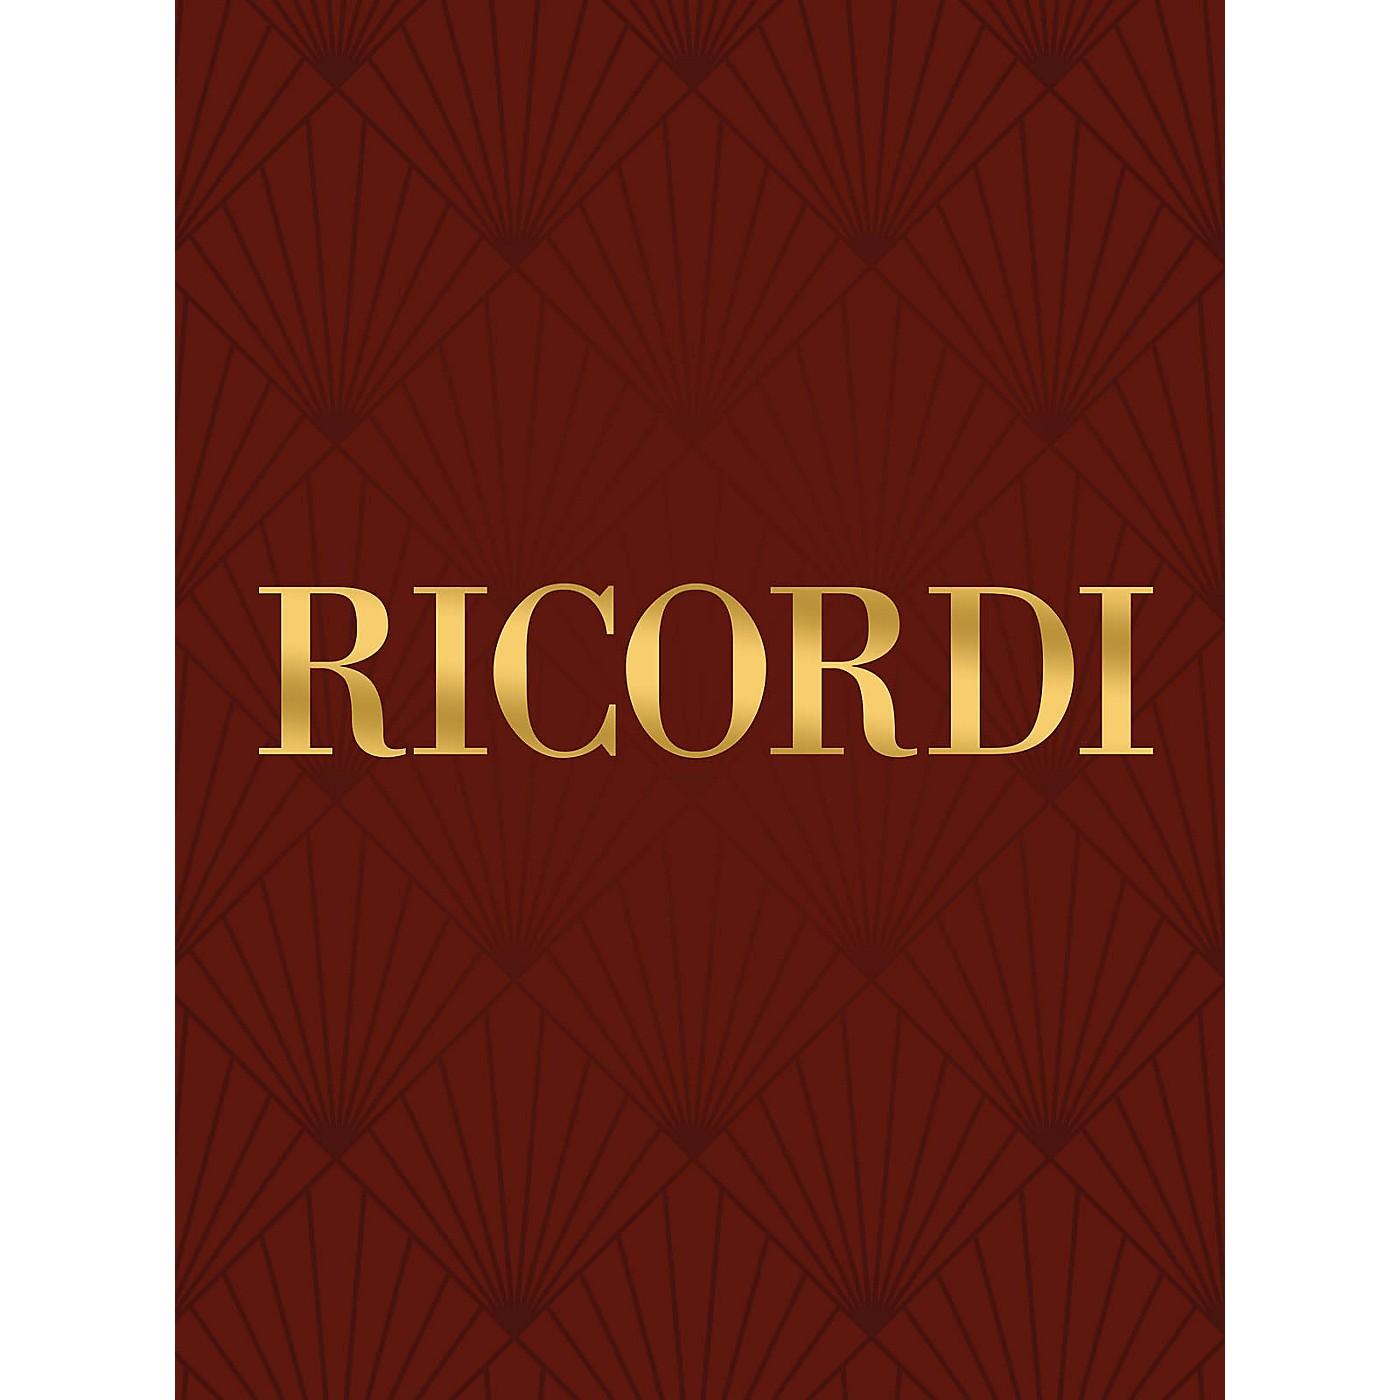 Ricordi Sonata in A Major for Violin and Basso Continuo RV29 (Score) Study Score Series by Antonio Vivaldi thumbnail